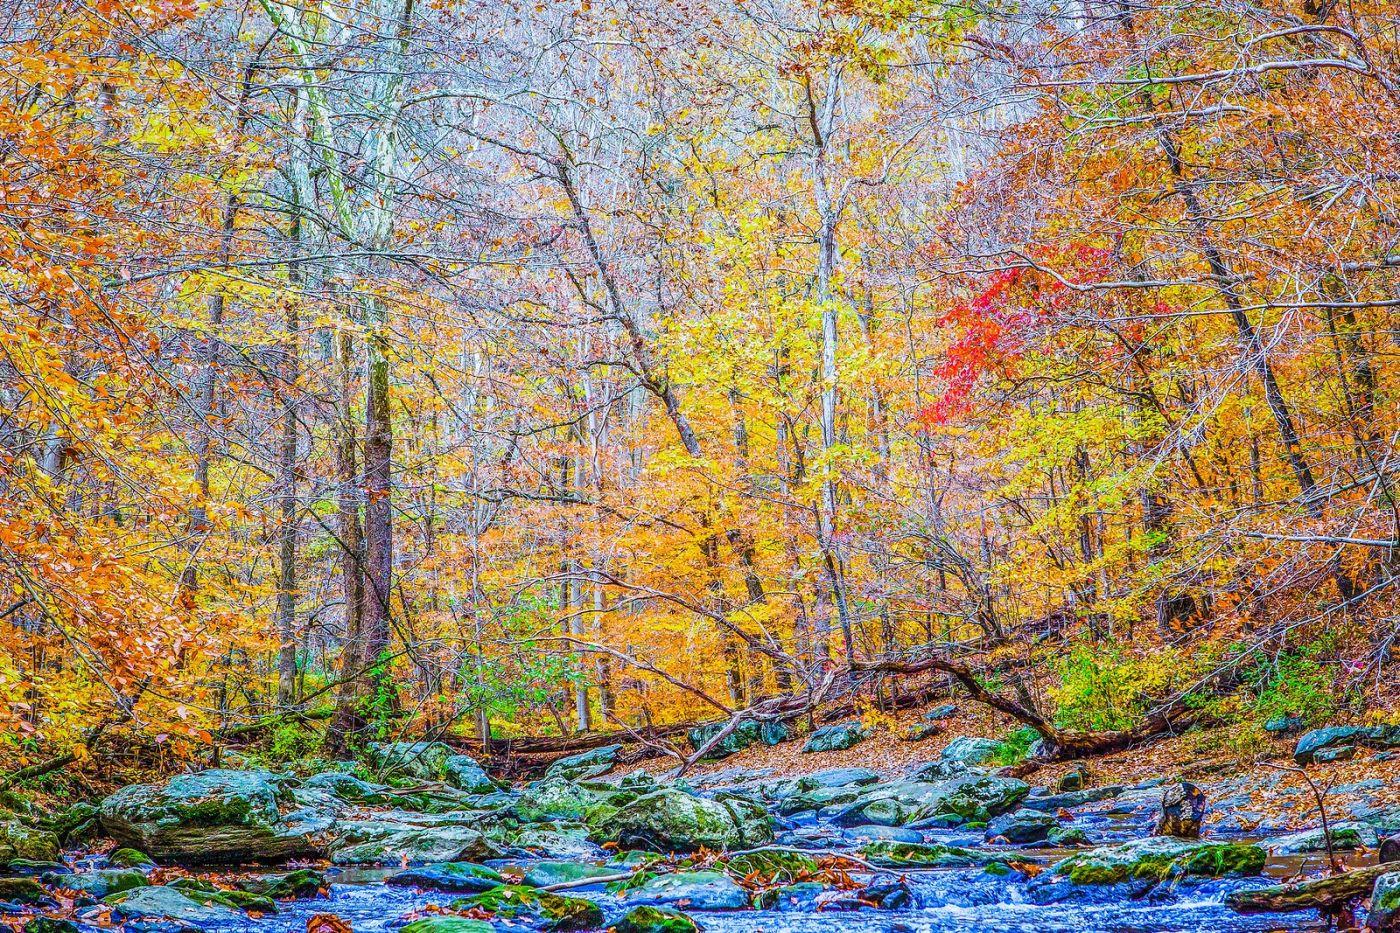 宾州雷德利克里克公园(Ridley creek park),如梦的画面_图1-3